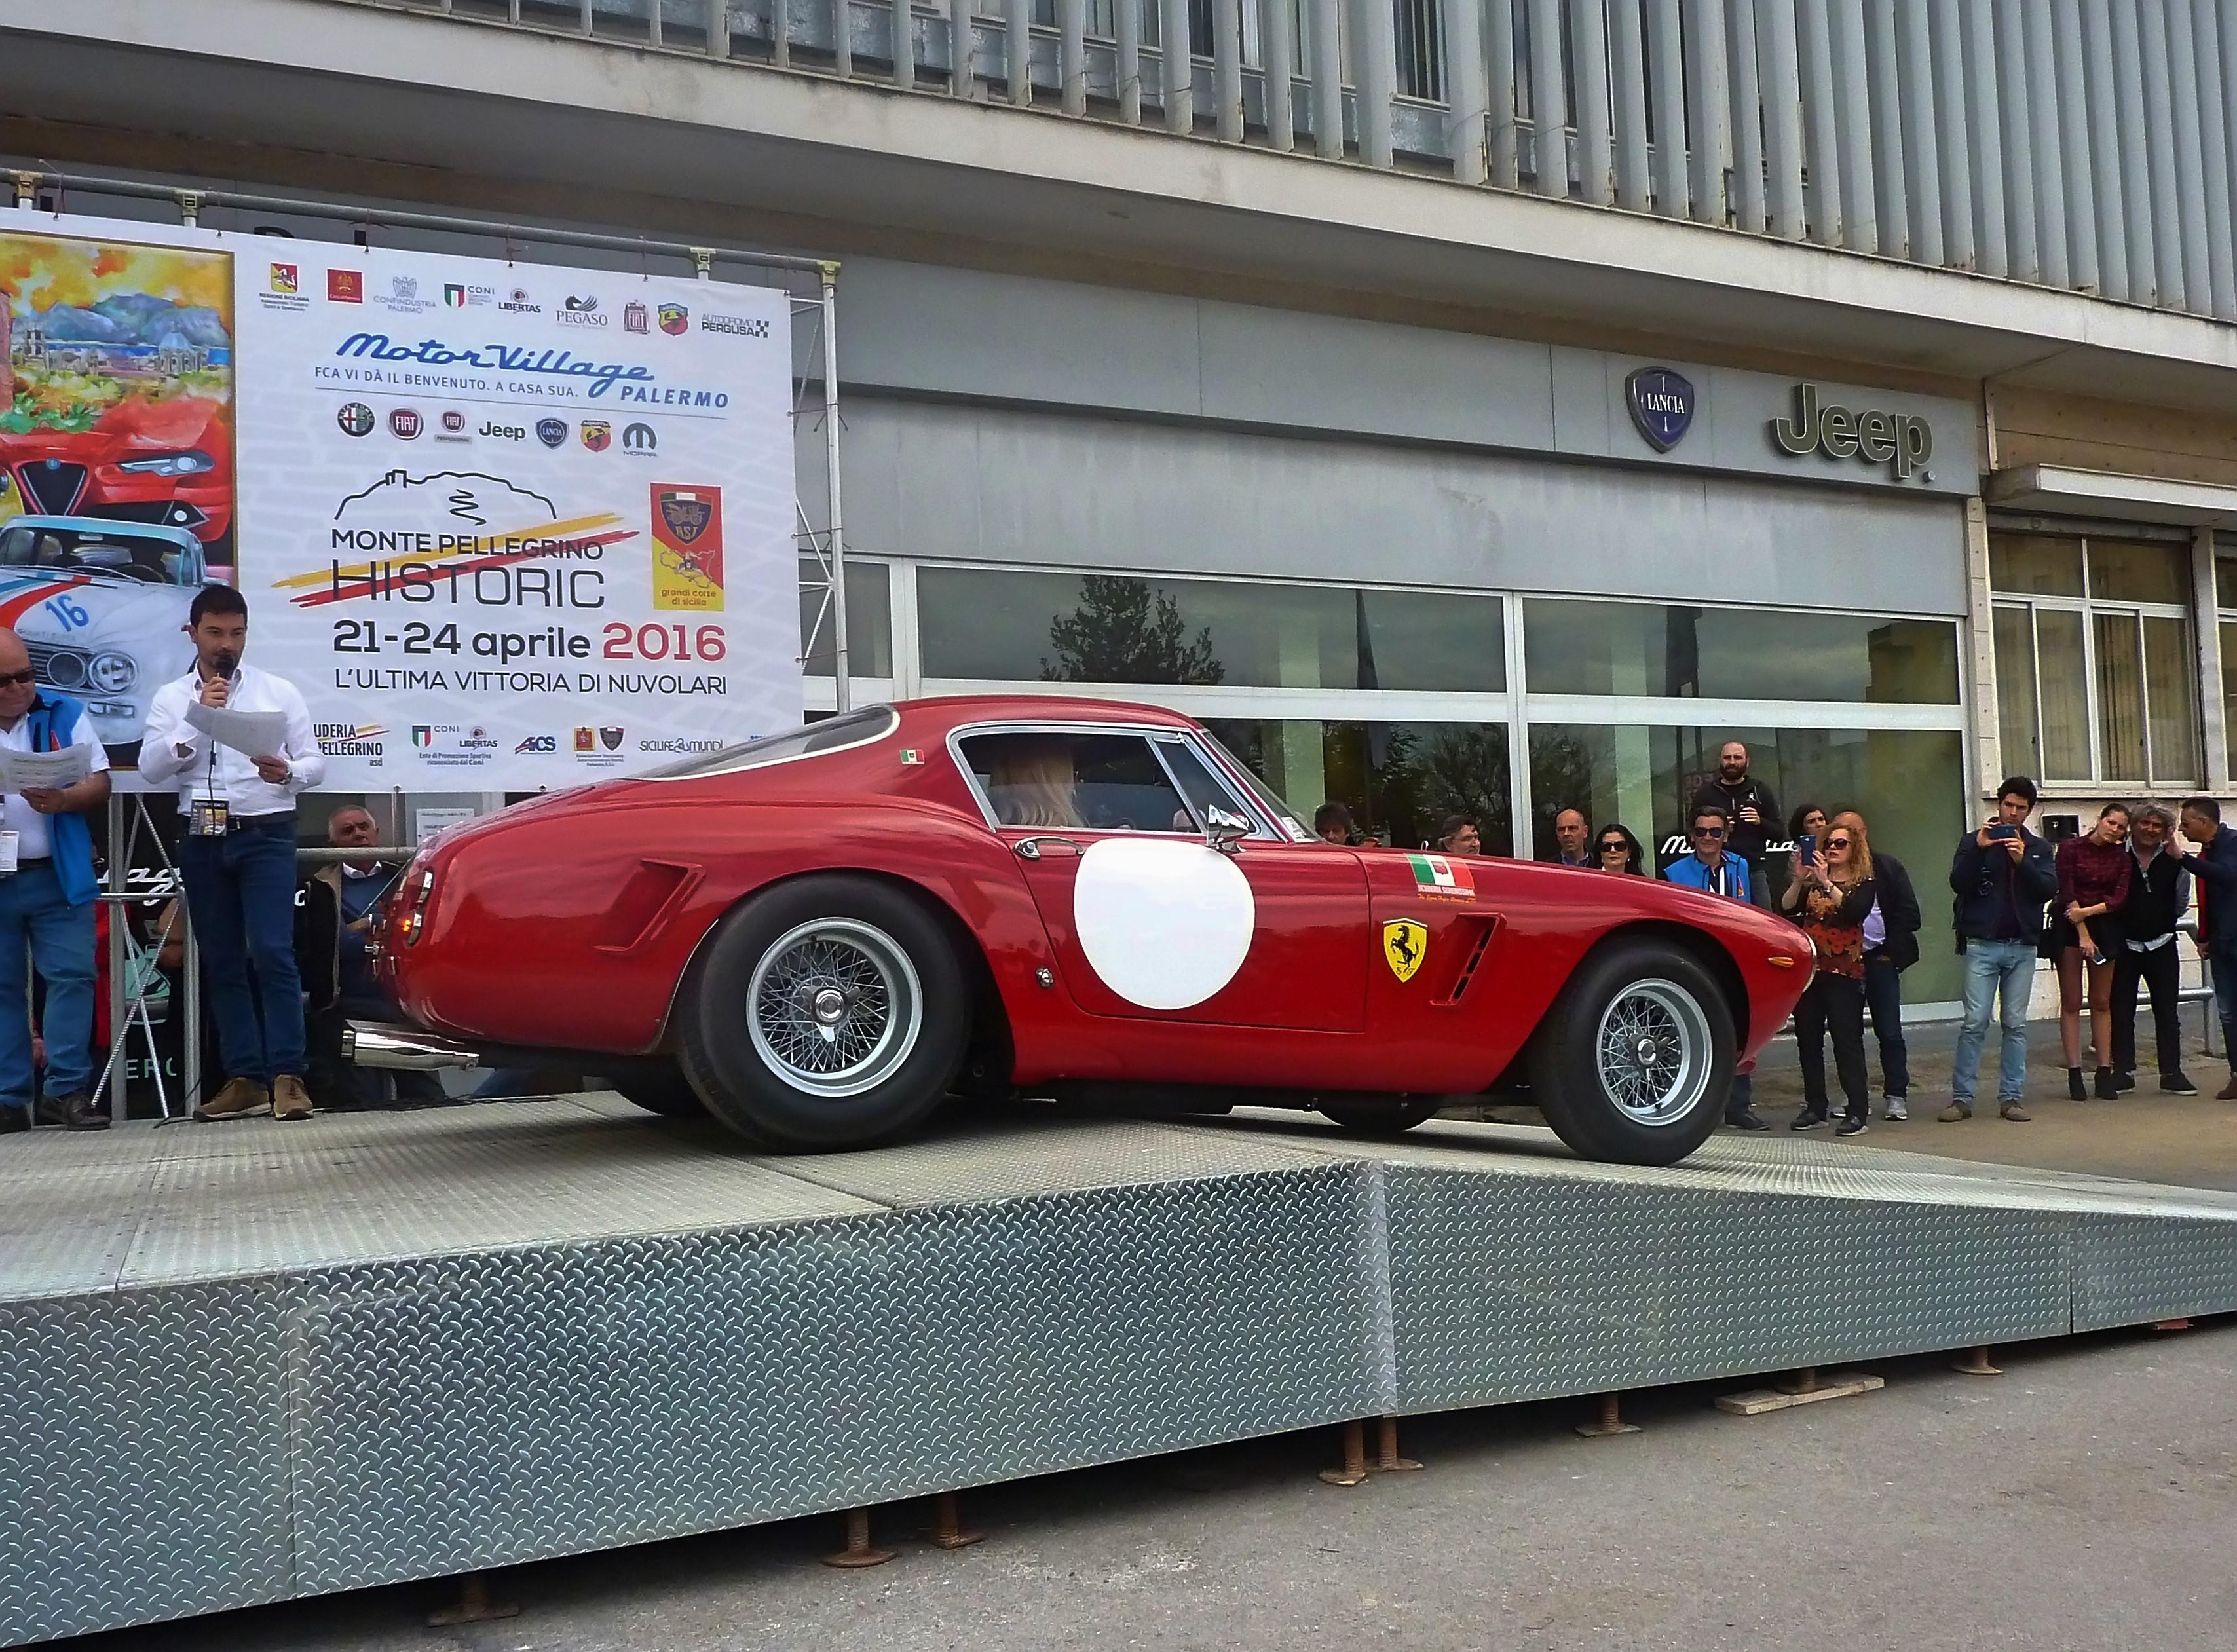 1961 Ferrari 250 GT SWB #2701 (81)_filtered